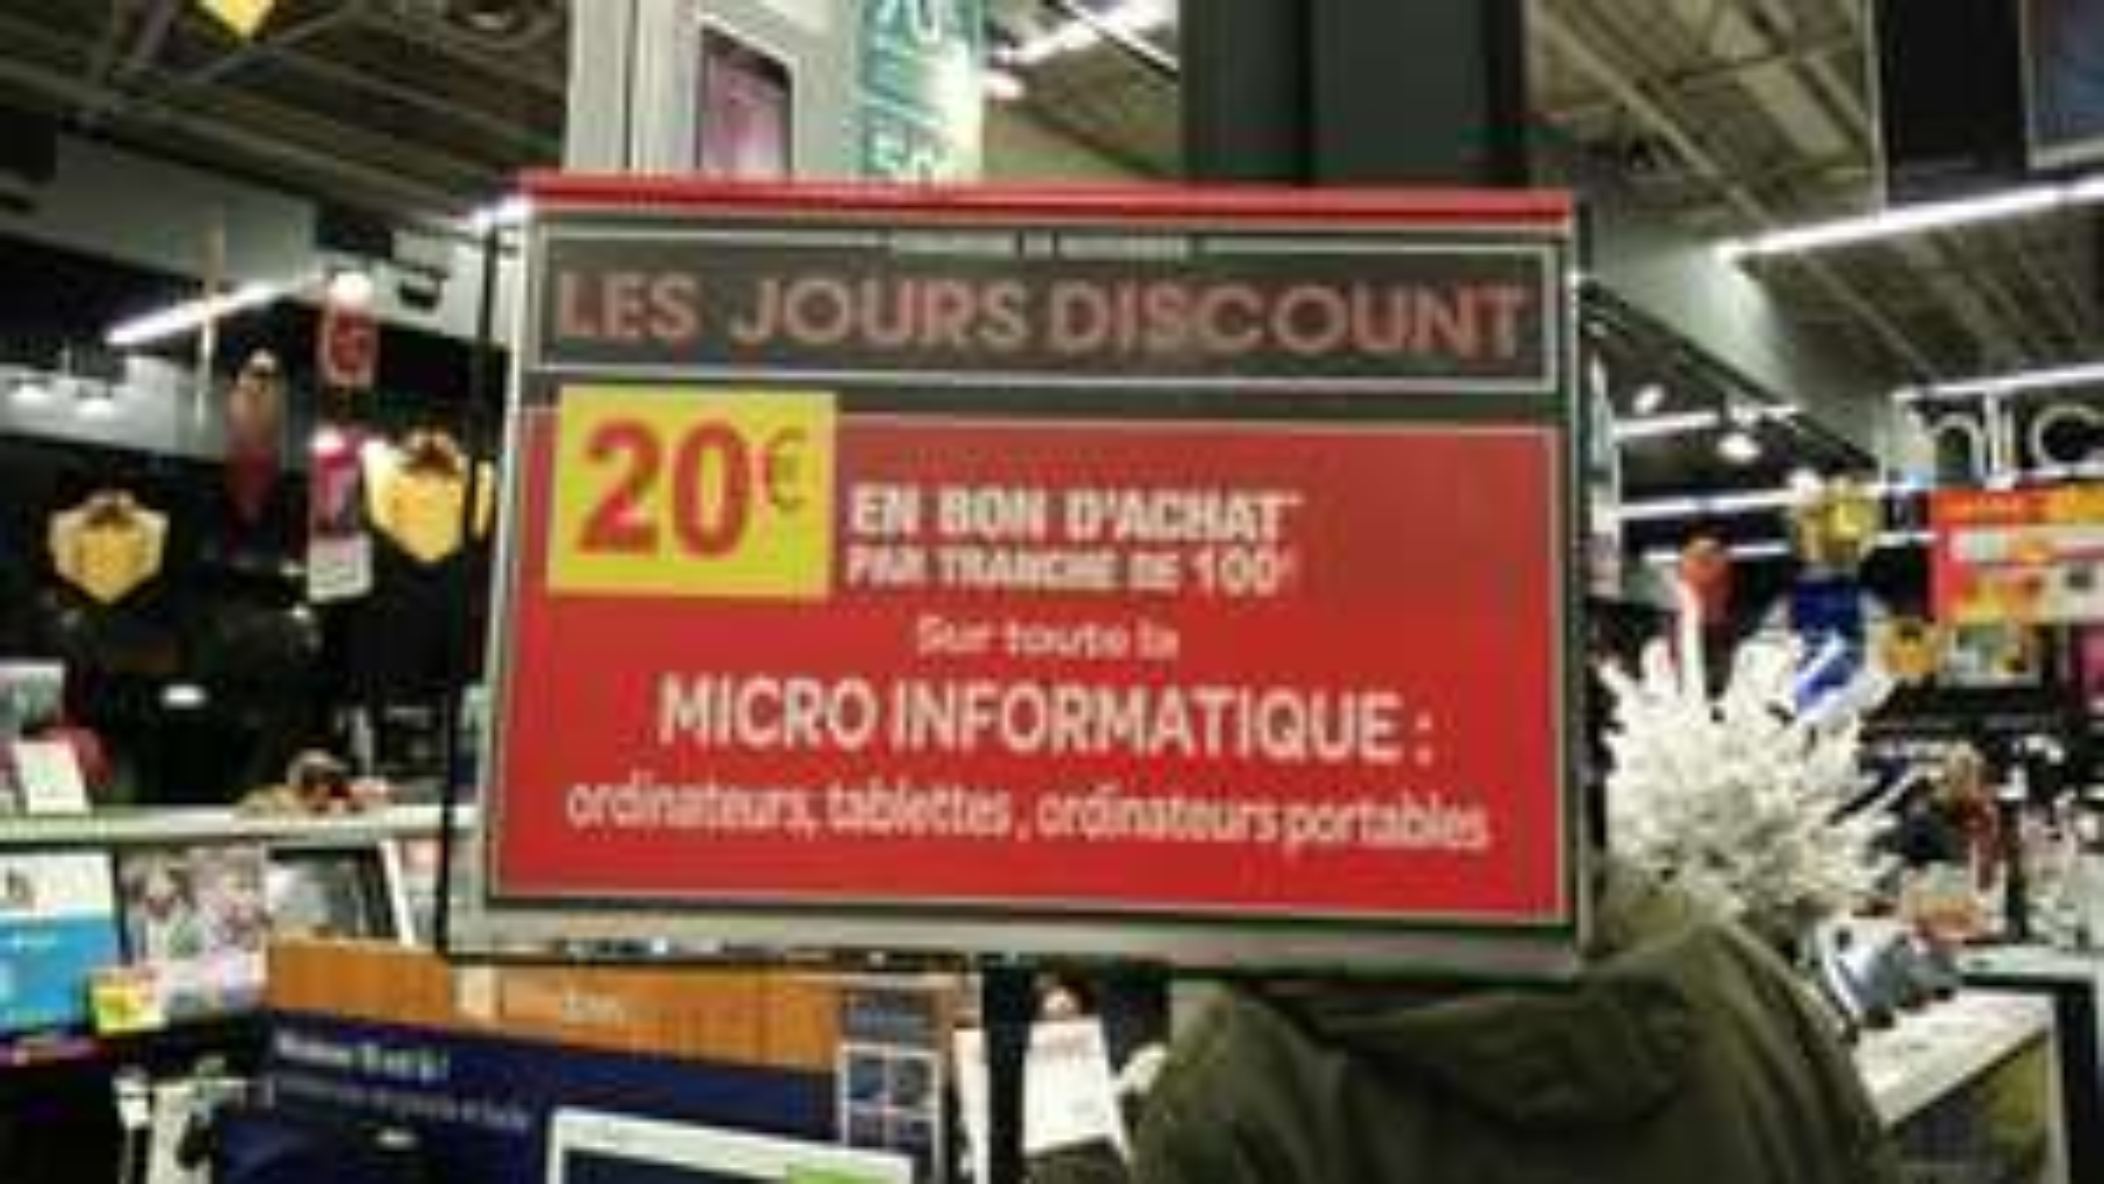 20€ en bon d'achats par tranche de 100€ sur toute la micro informatique et les téléviseurs